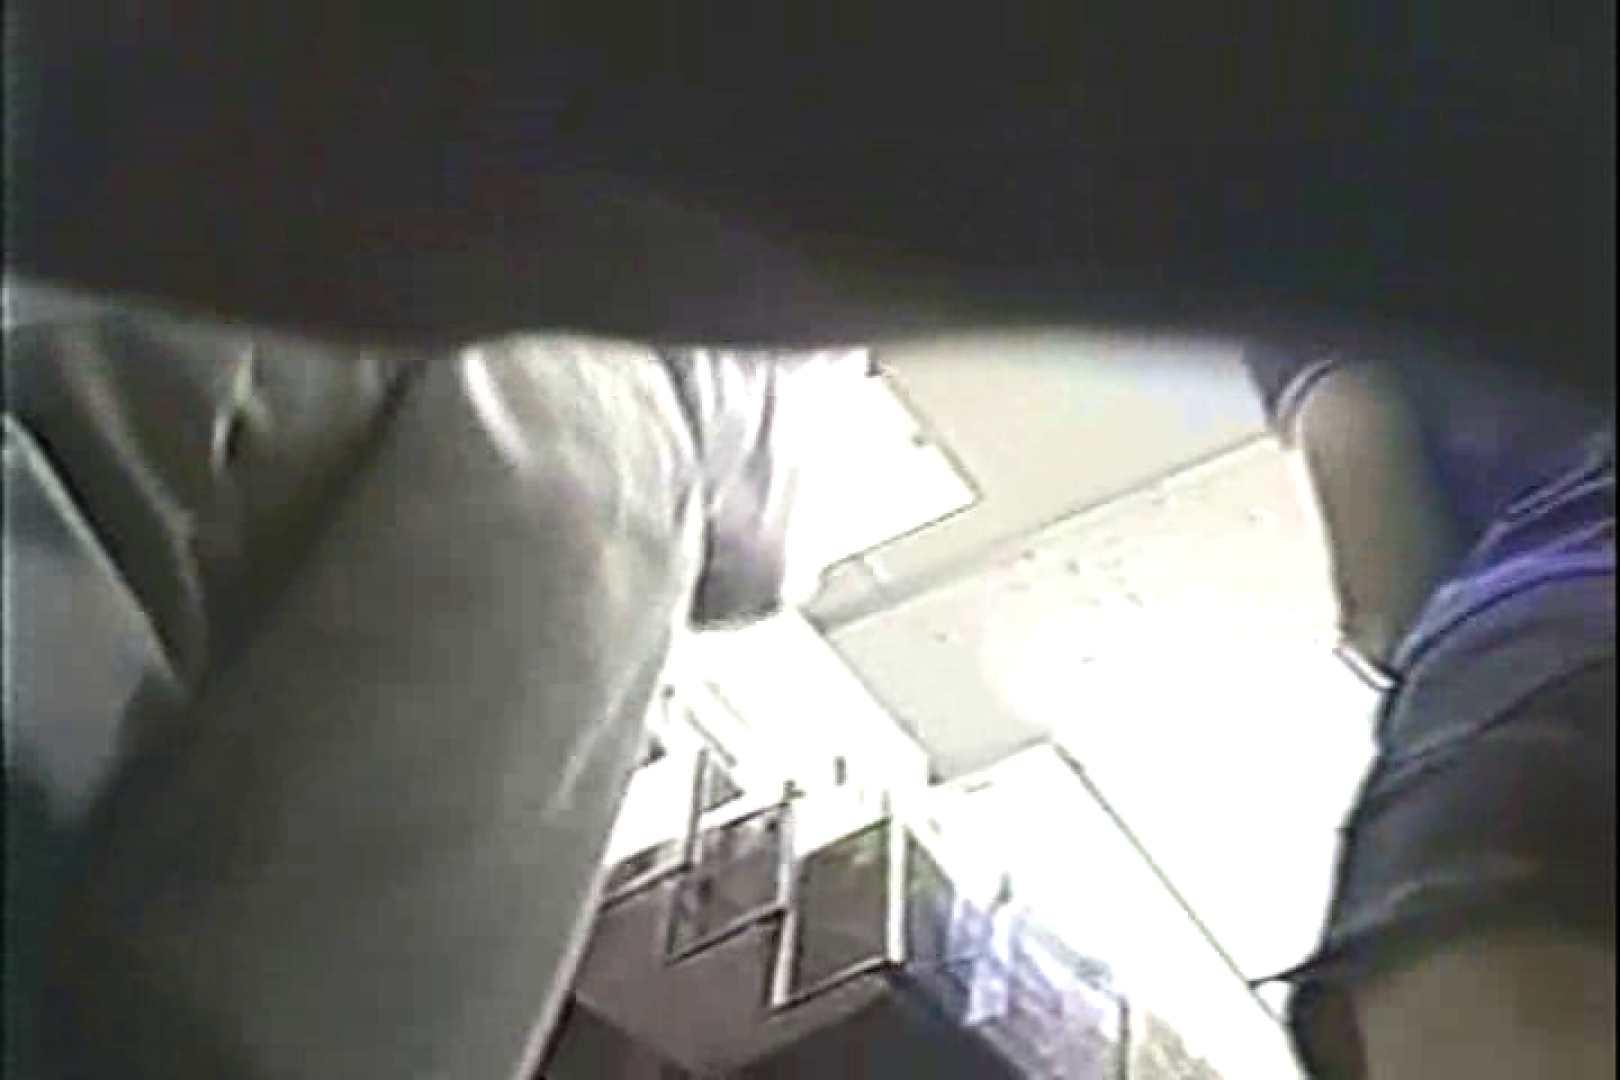 「ちくりん」さんのオリジナル未編集パンチラVol.3_01 パンチラ 盗み撮り動画キャプチャ 100画像 70